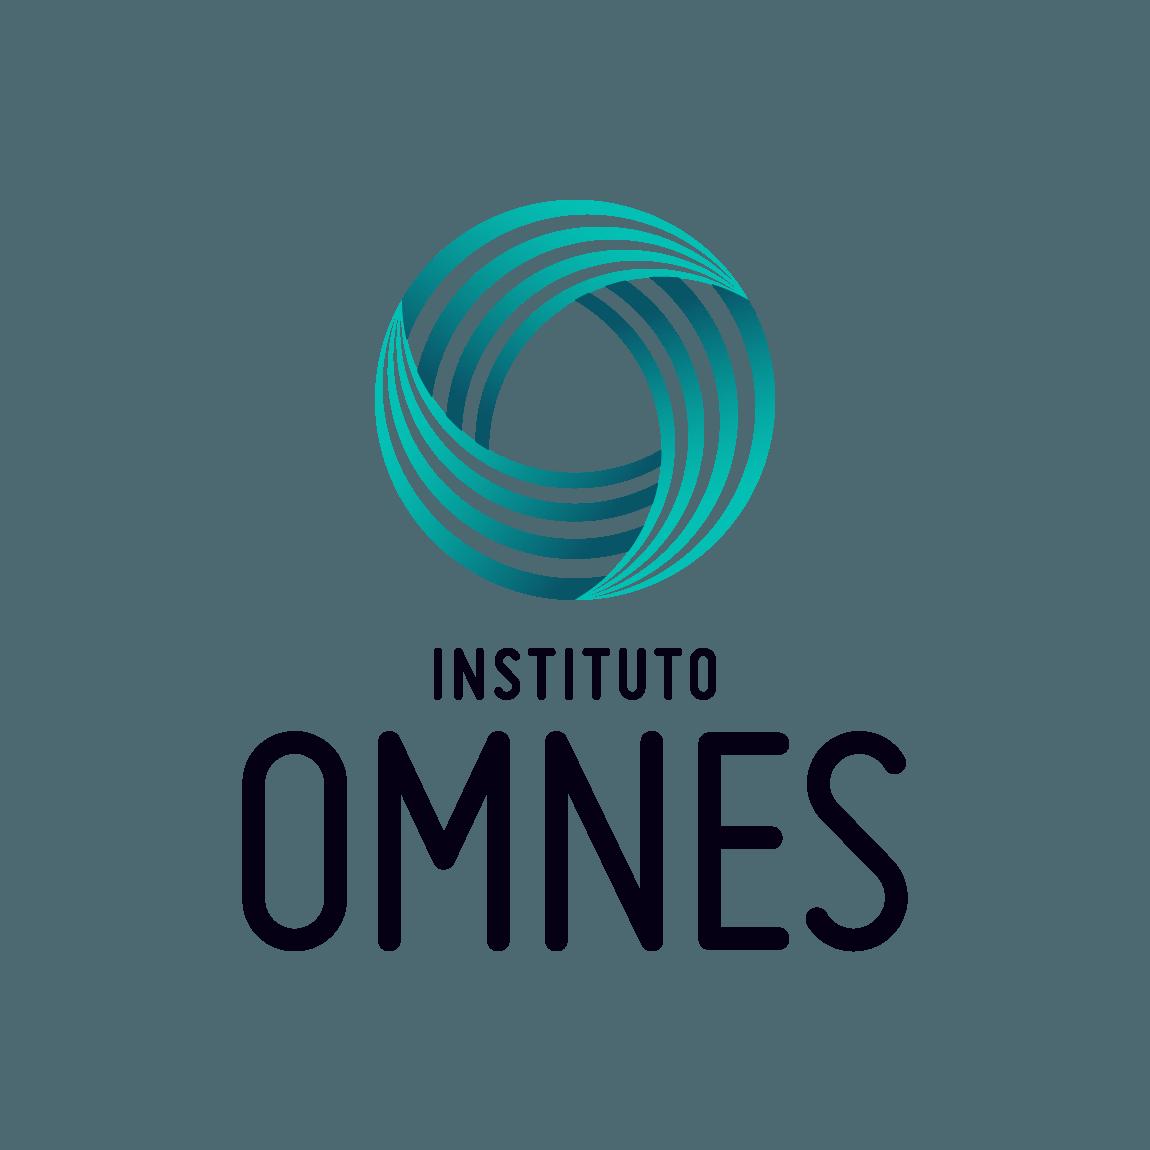 Instituto Omnes